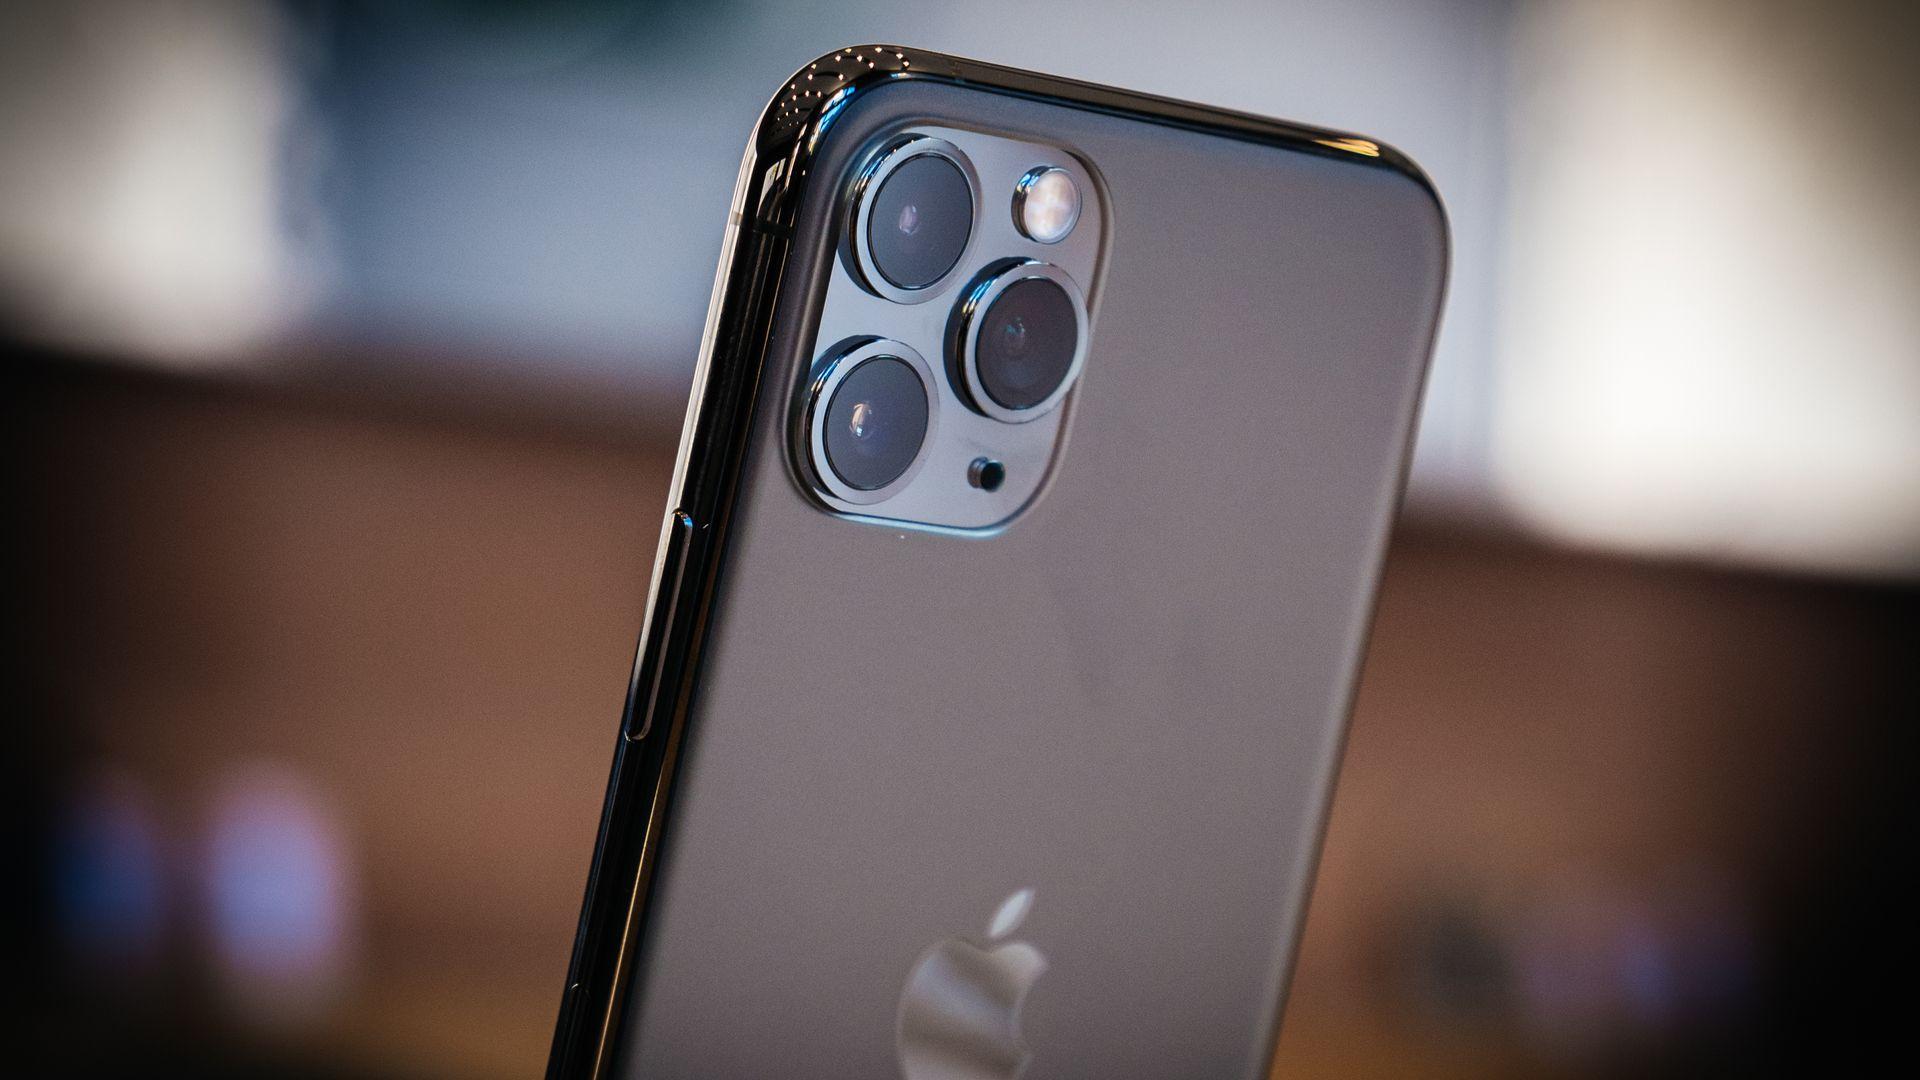 """Câmeras do iPhone 11 têm sensores de """"apenas"""" 12 megapixels. (Imagem: Hadrian/Shutterstock)"""